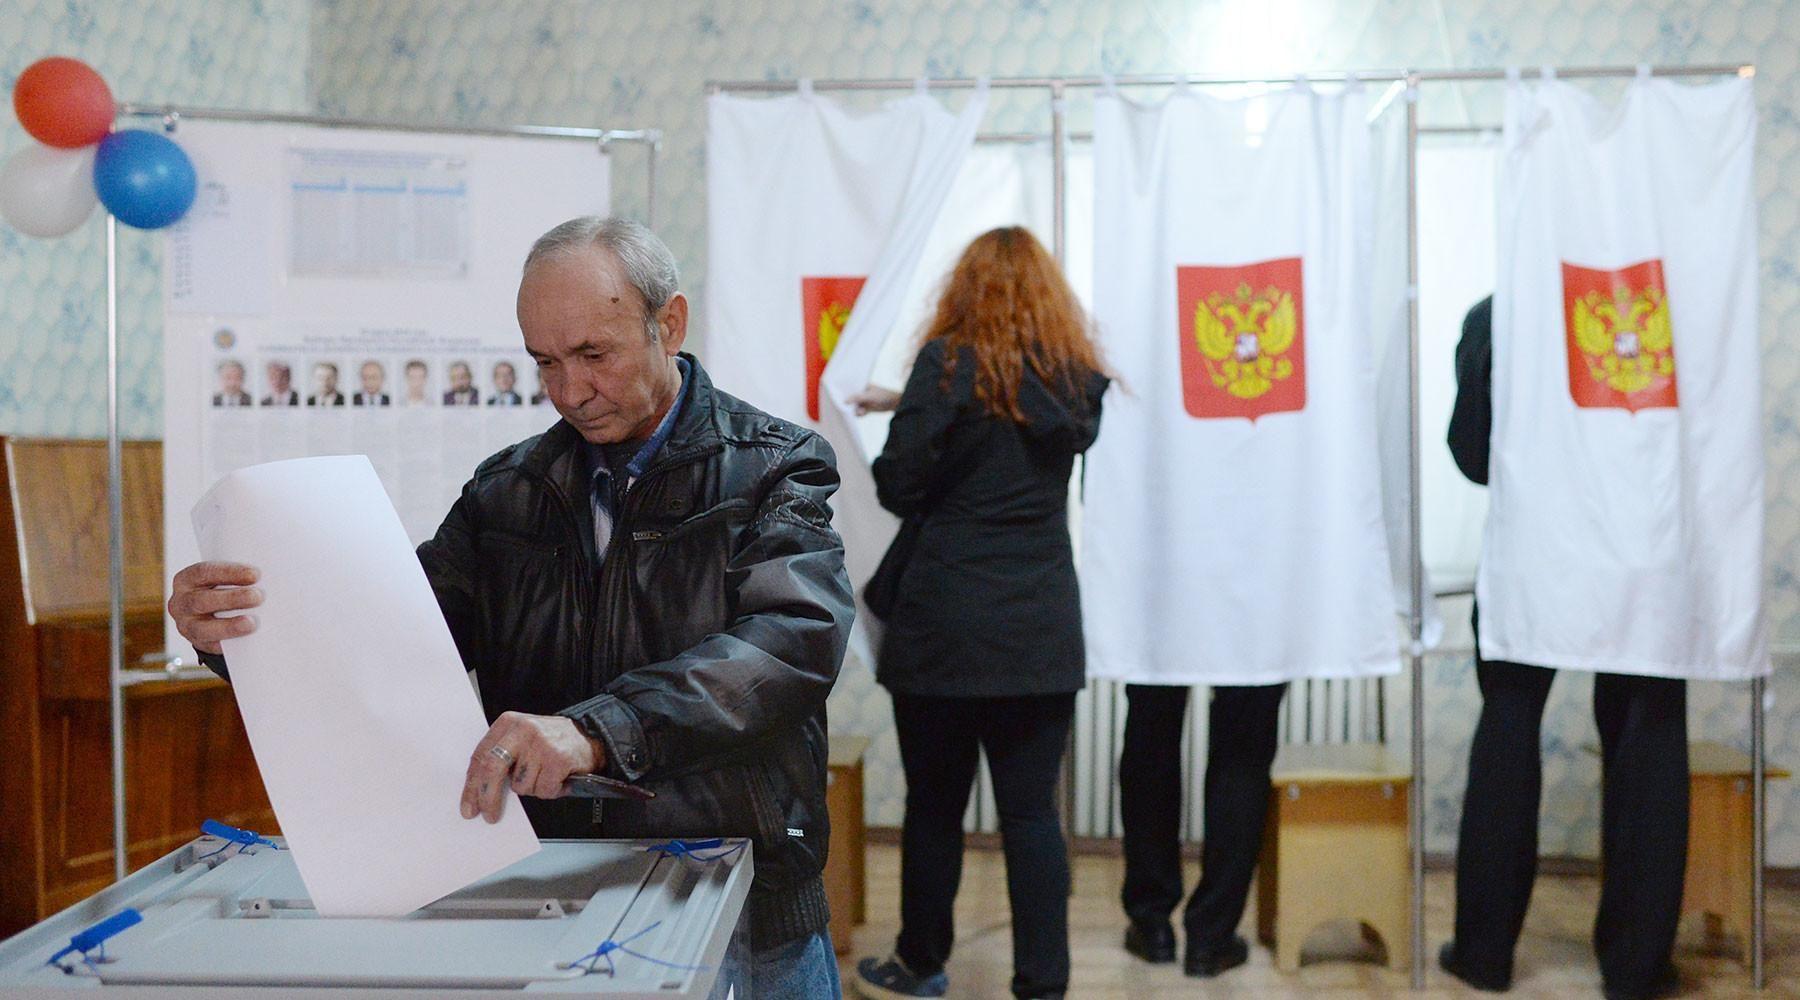 В России стартовали скандальные выборы: детали - Новости России - 24 Канал